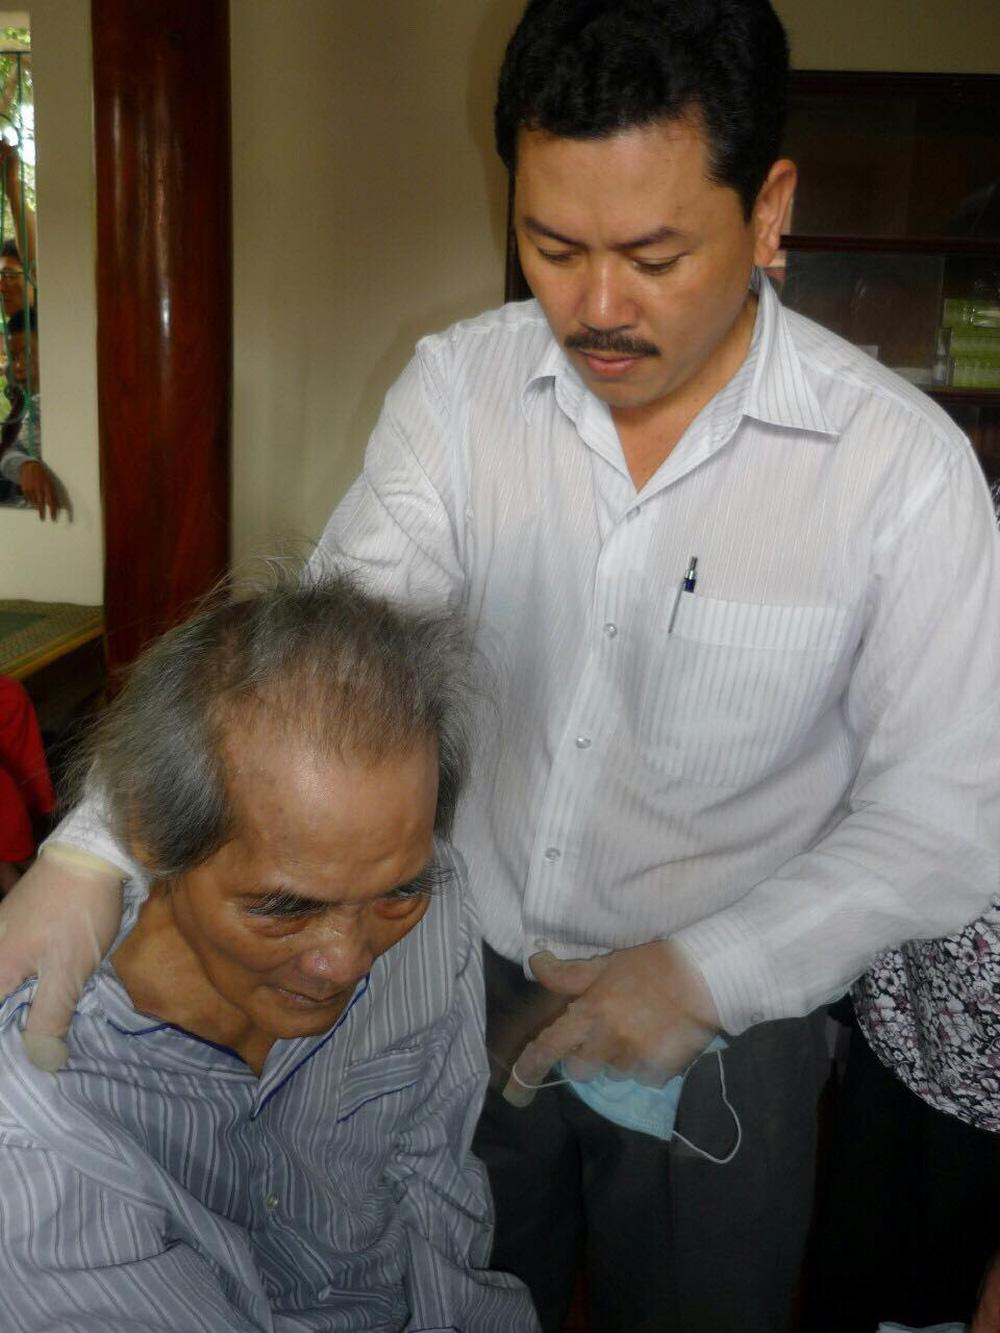 Con trai nhà văn Sơn Tùng: Ông Võ Hoàng Yên chỉ chữa vận động cho cha tôi chứ không phải chữa bệnh - Ảnh 1.